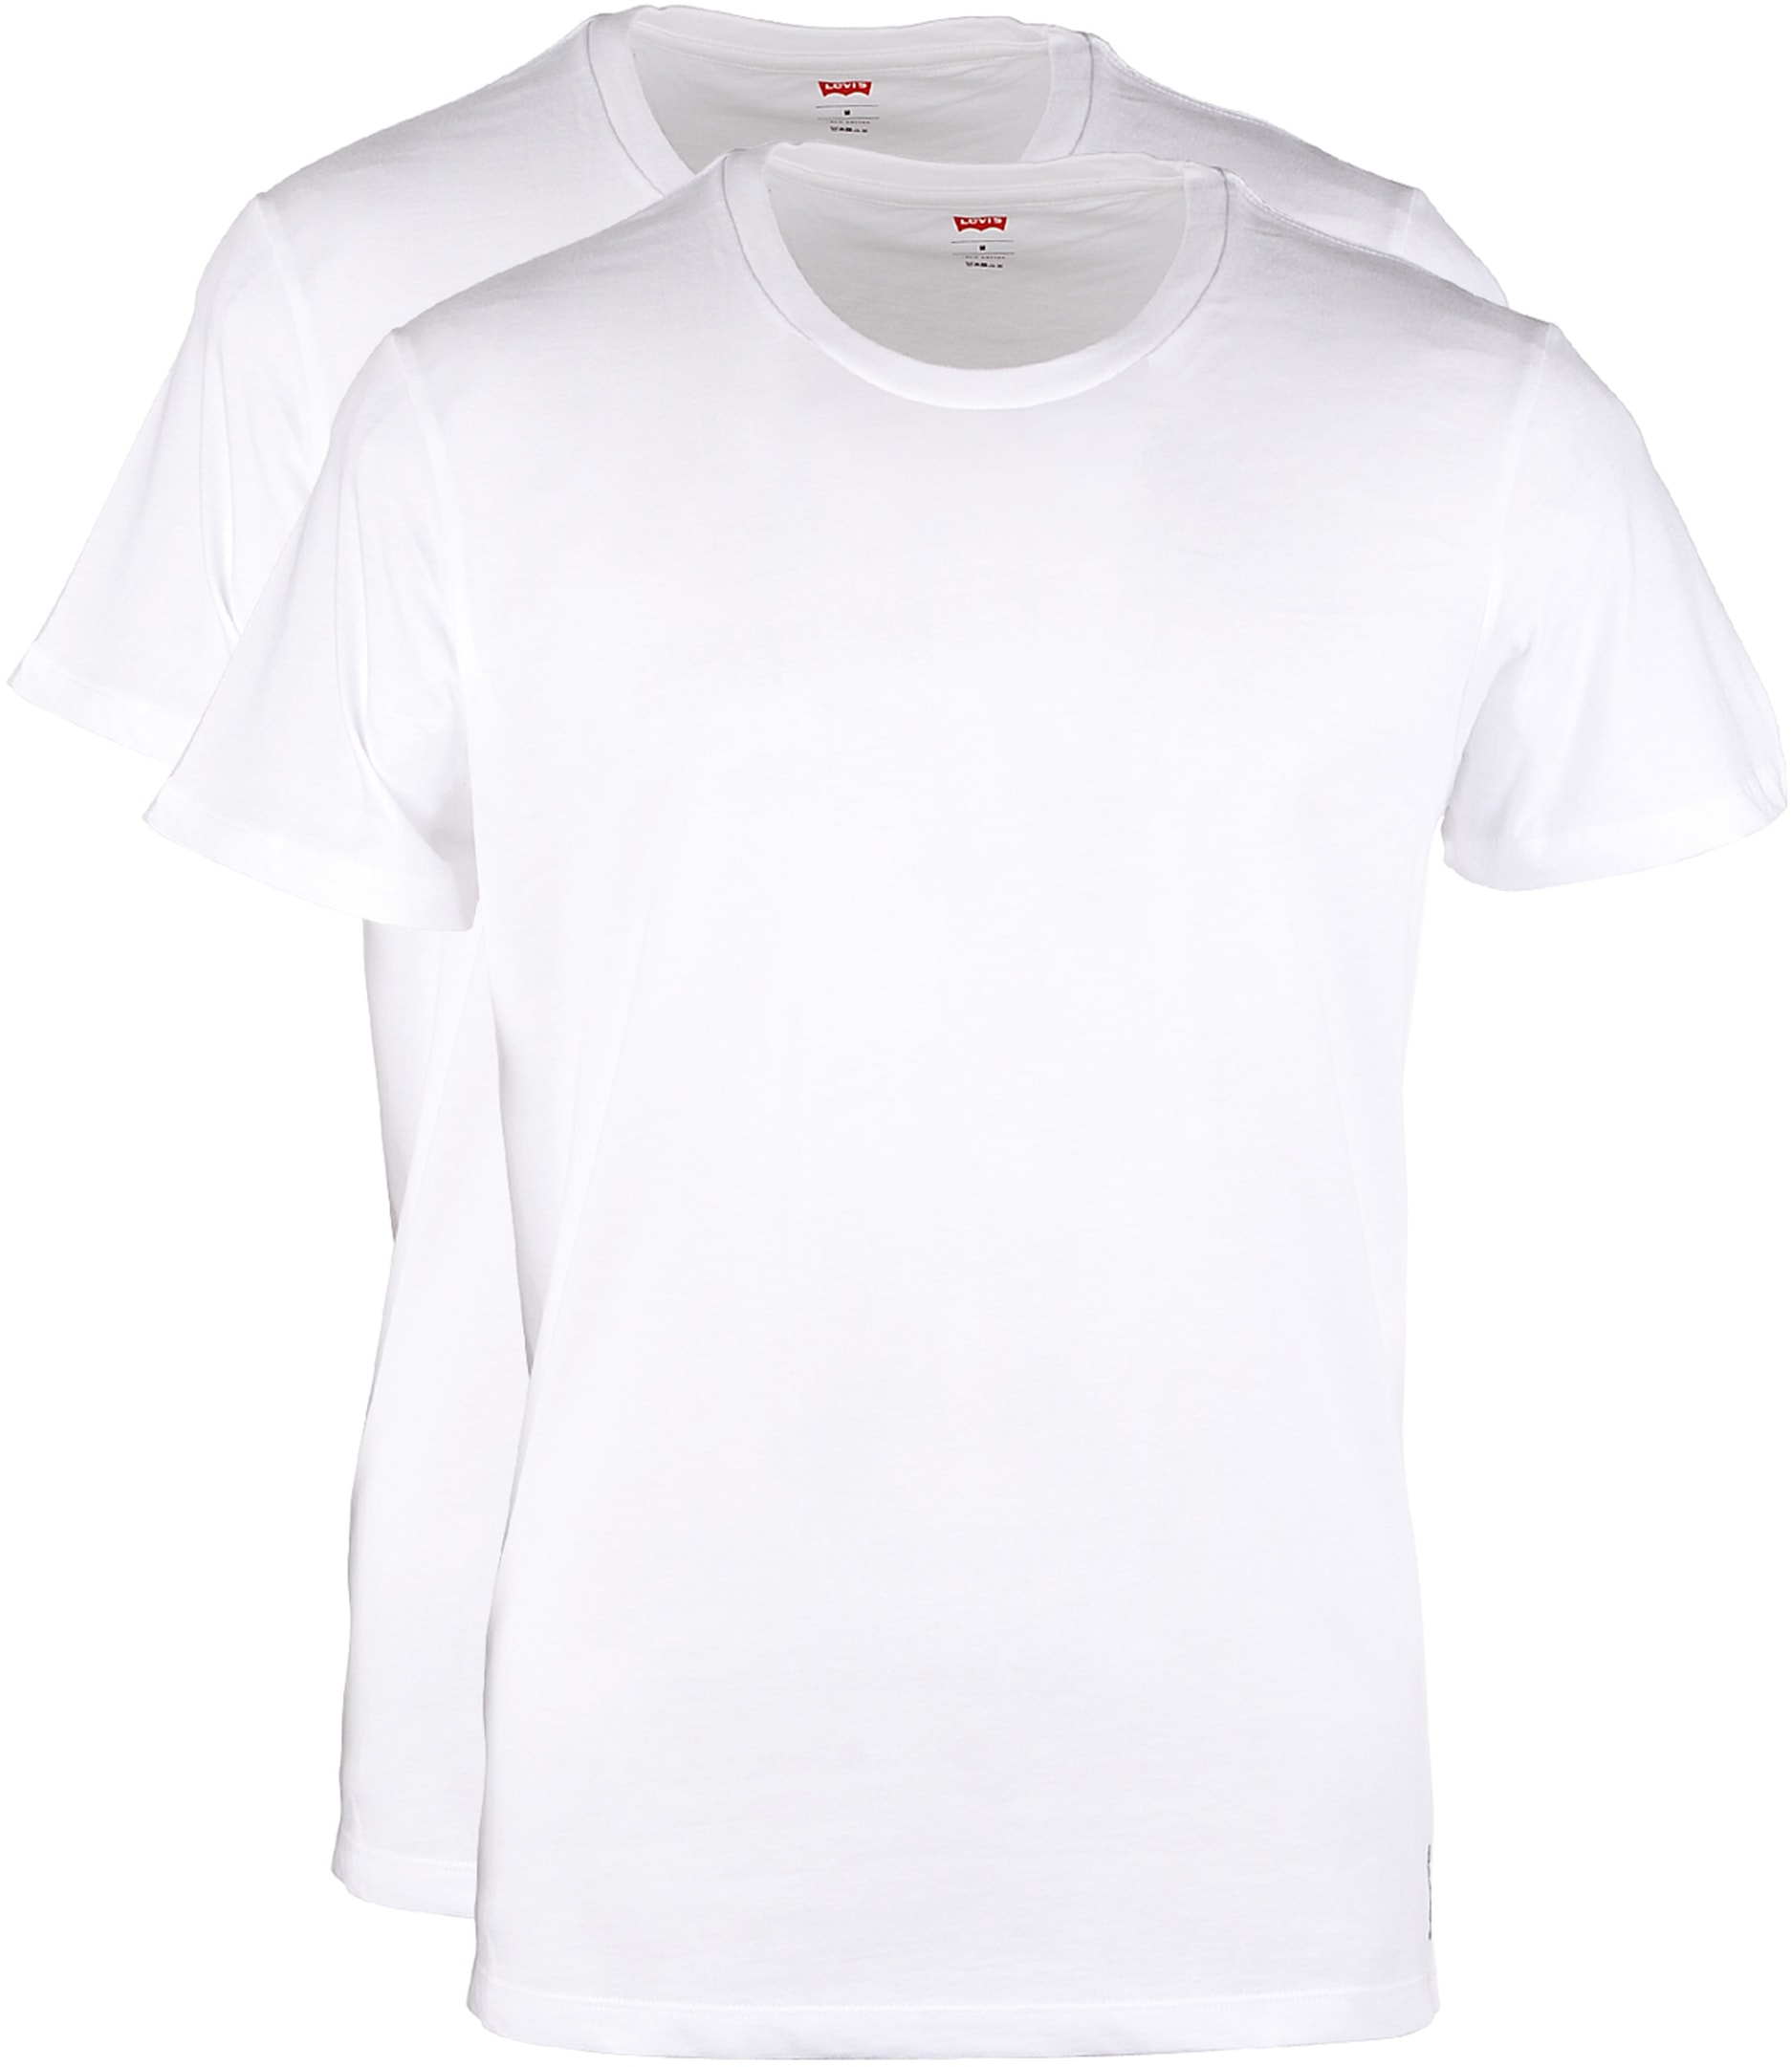 Levi's T-shirt Ronde Hals Wit 2Pack foto 0